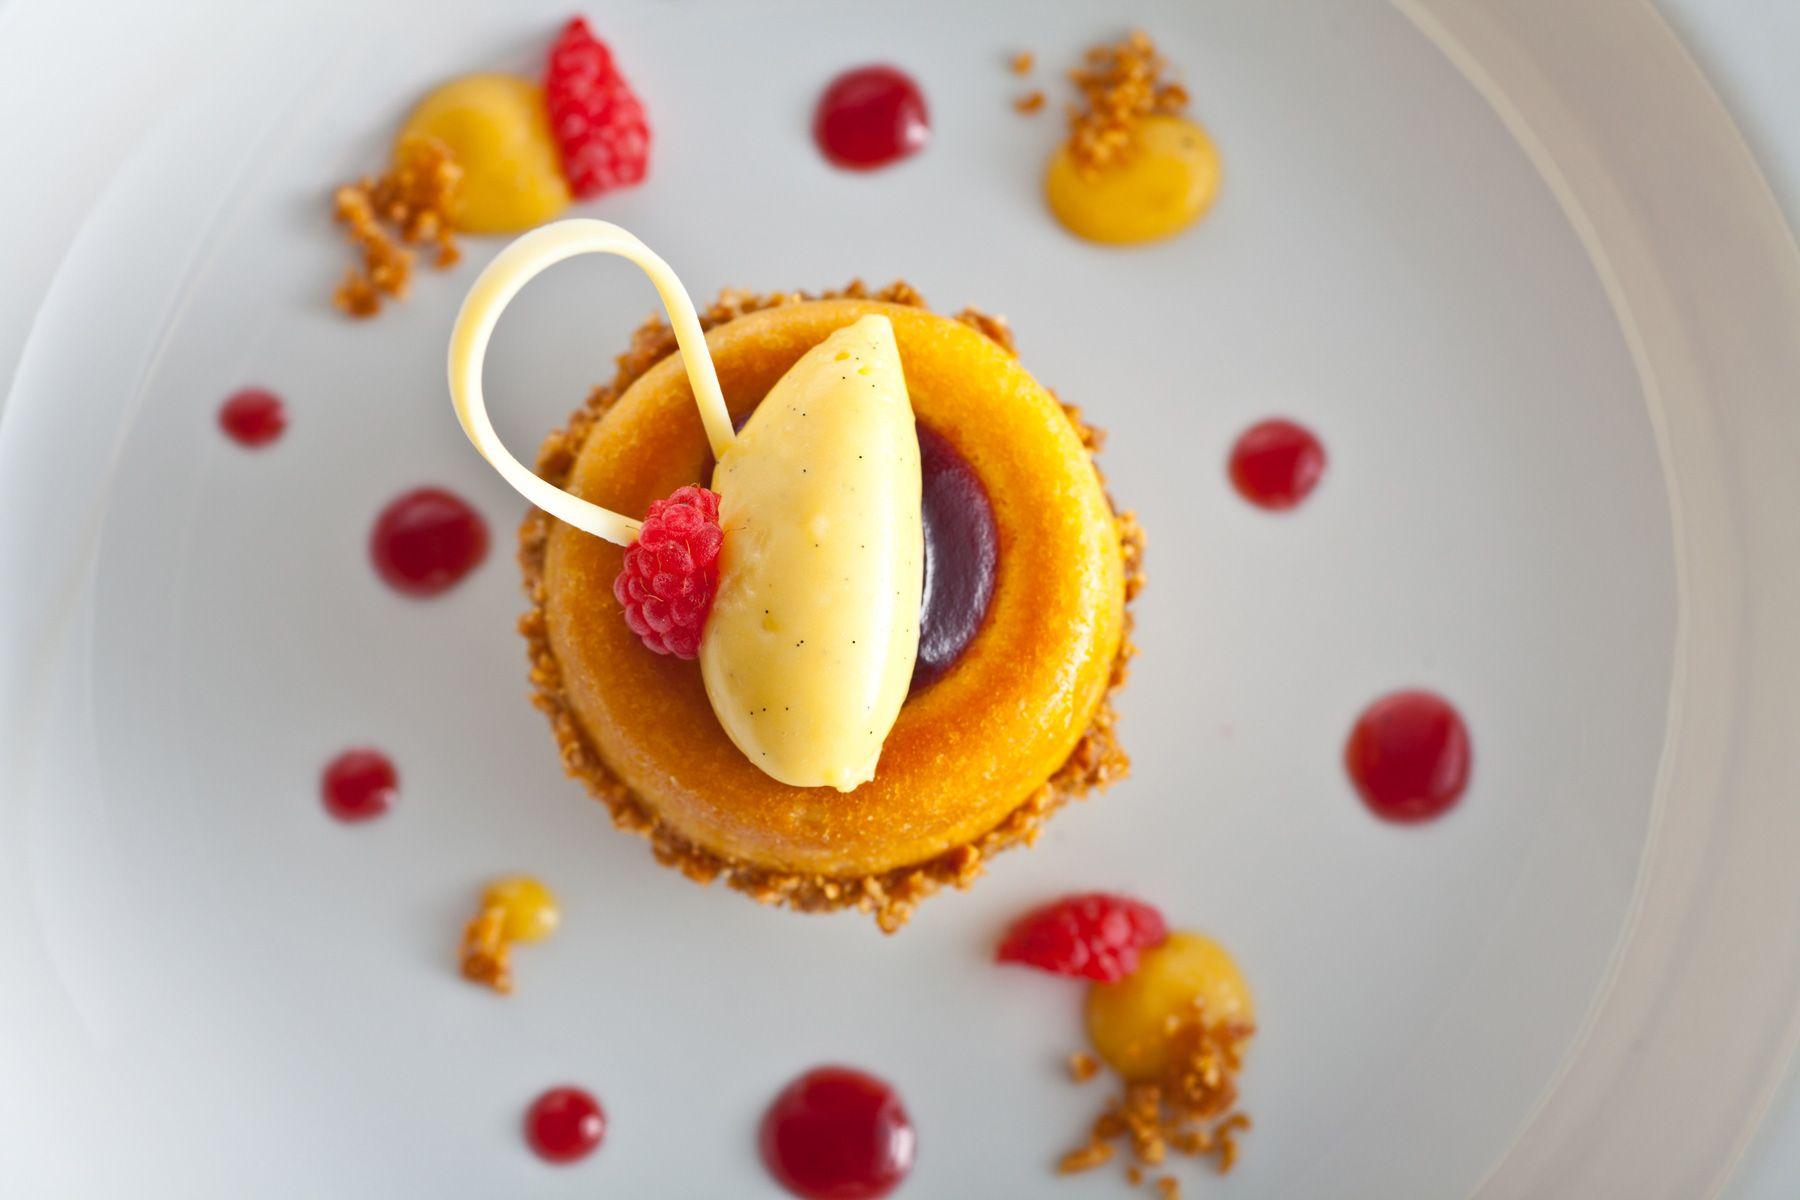 Raspberry-Tart-Dessert-Jessica-Weiss-Union-League-of-Chicago.jpg